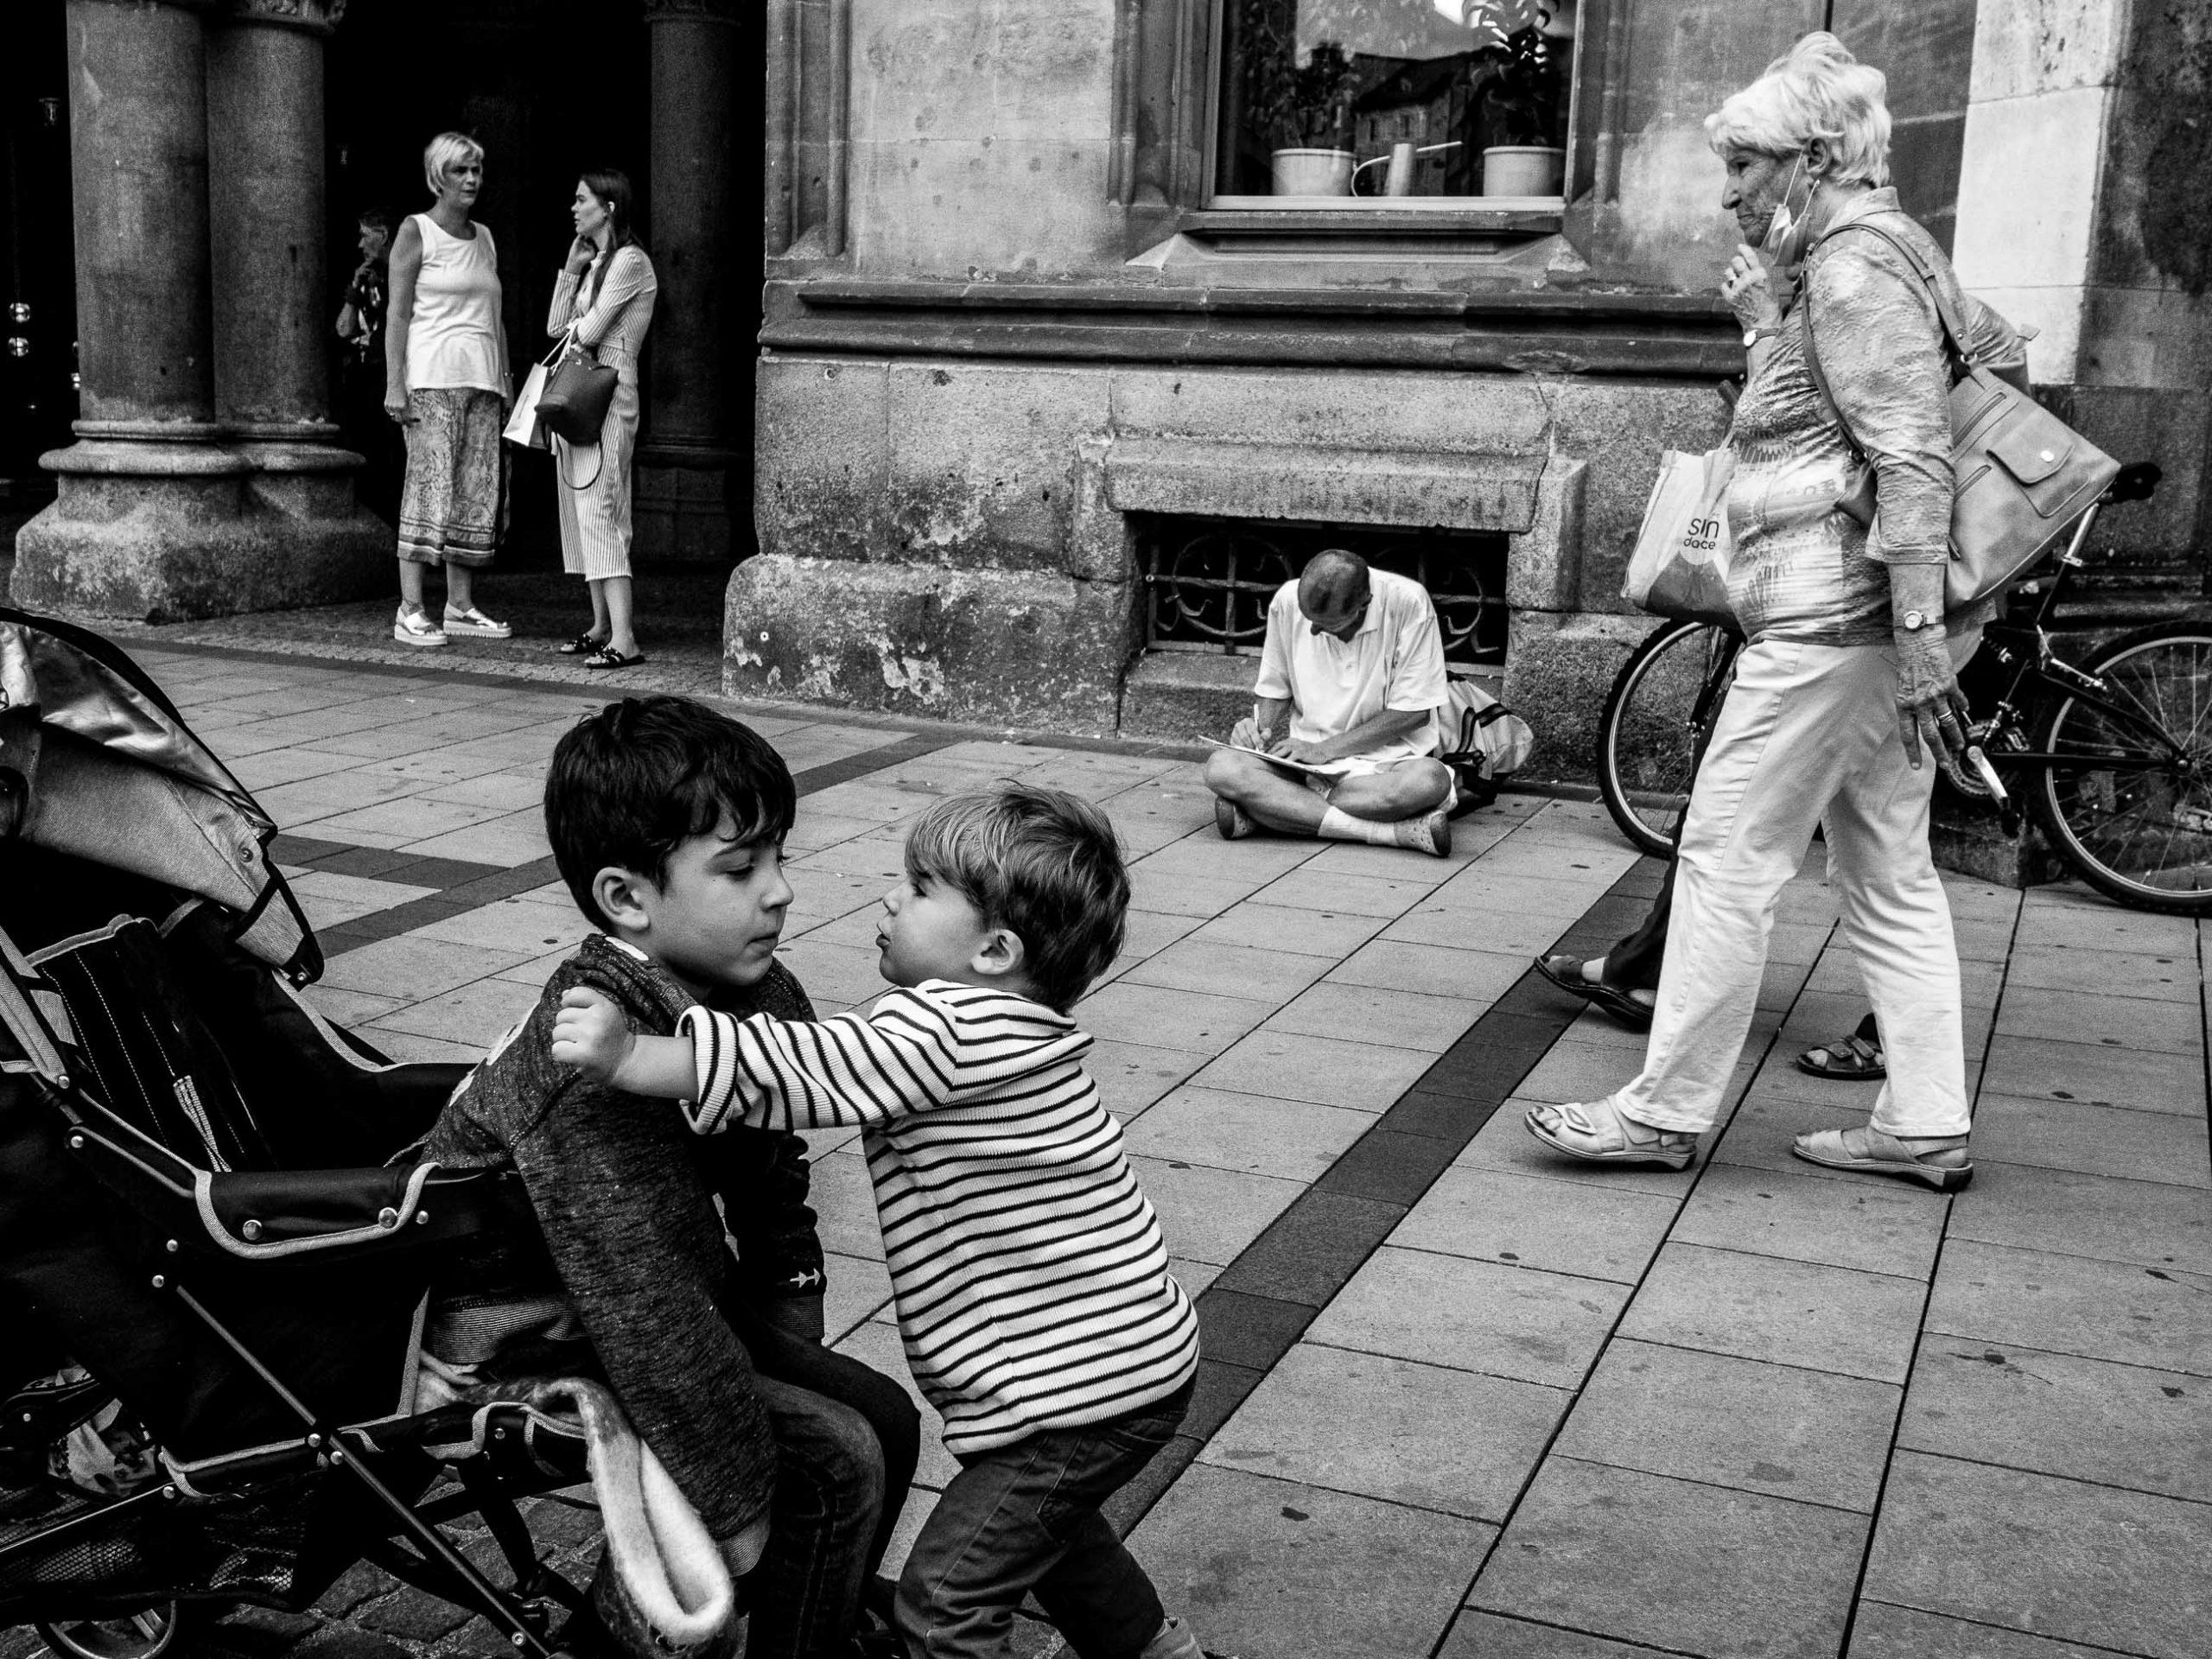 Geschwister in ein paar Passanten am Marienplatz in München